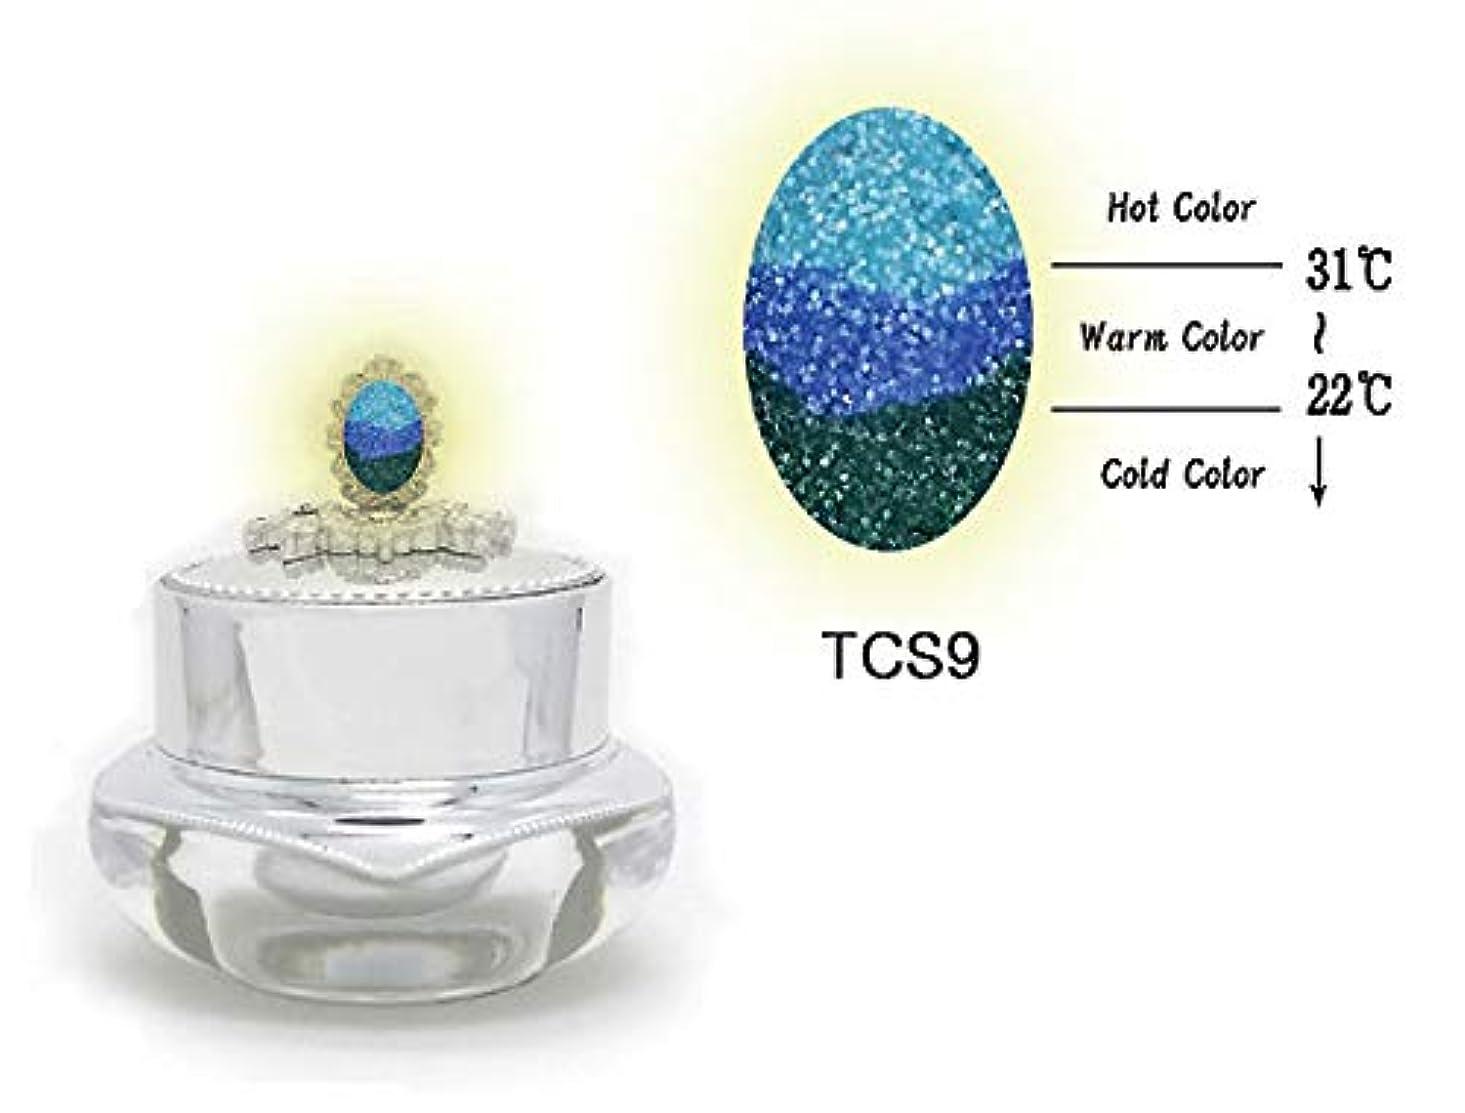 リフト断線例示するKENZICO (ケンジコ) Triple Sugar Gel プロ用5g 【TCS9】 3つの色に変わる夜光ジェル トリプルシュガージェル